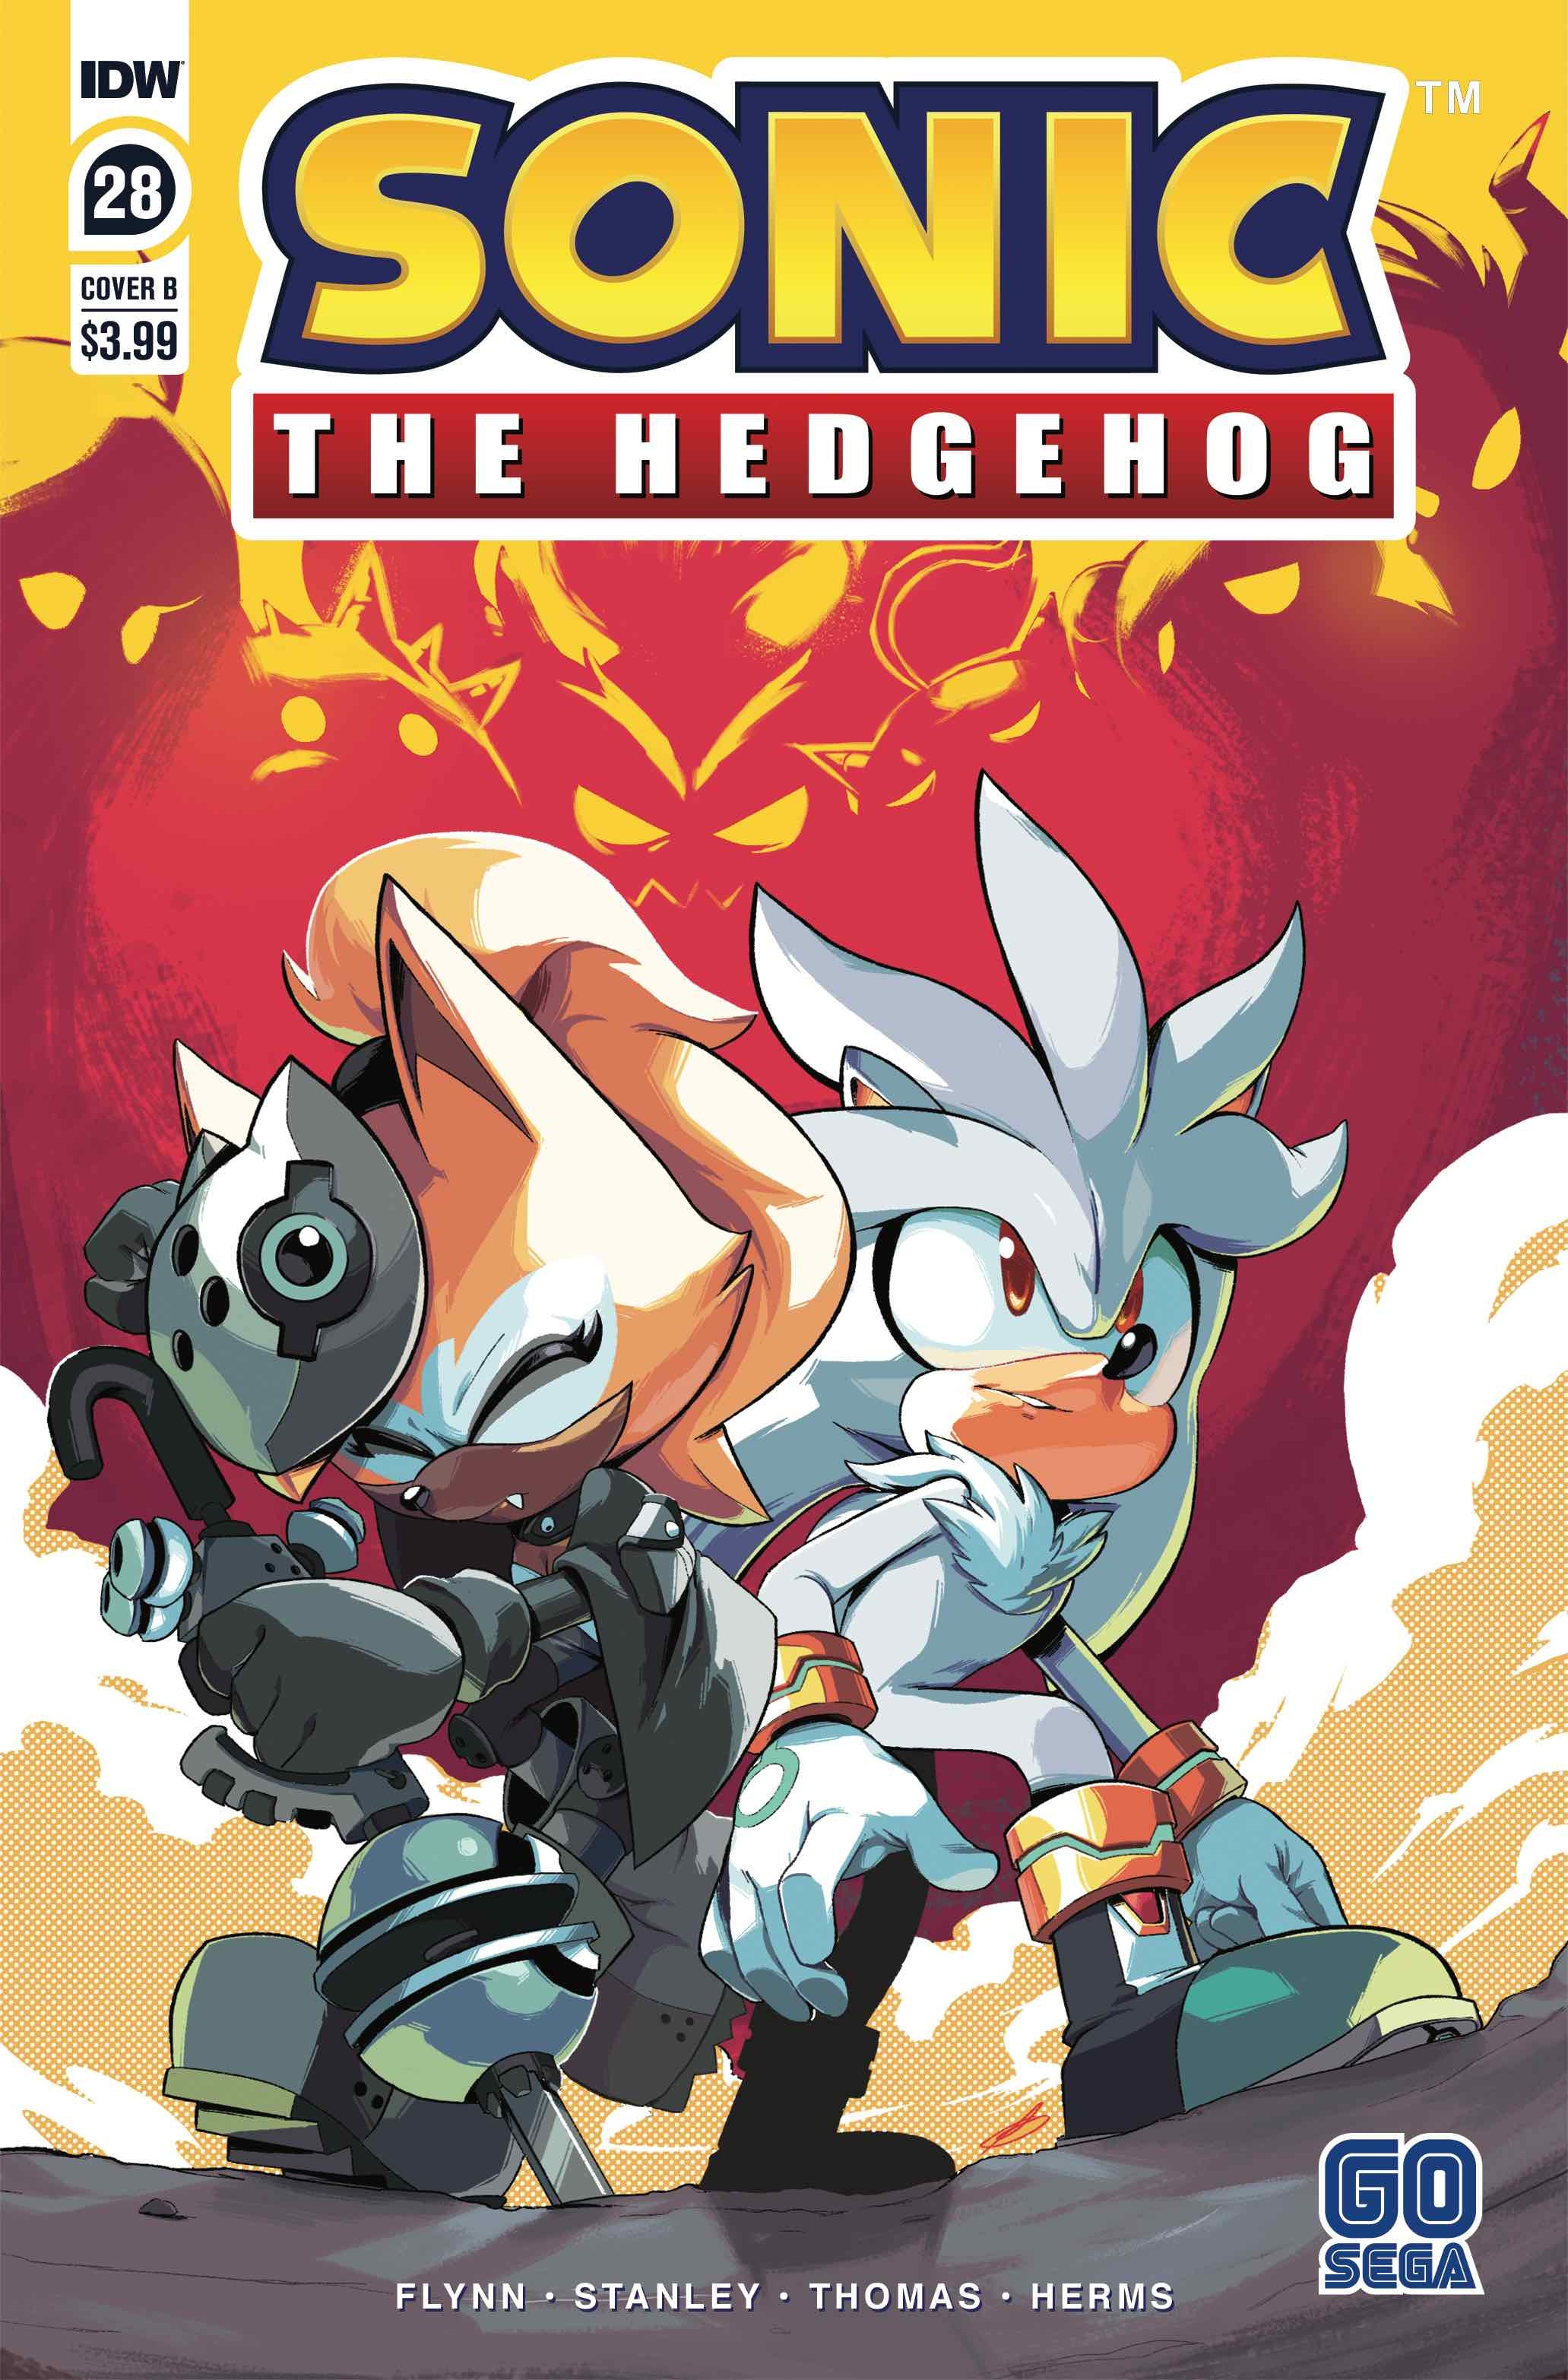 Idw Sonic The Hedgehog Issue 28 Idw Sonic Hub Fandom